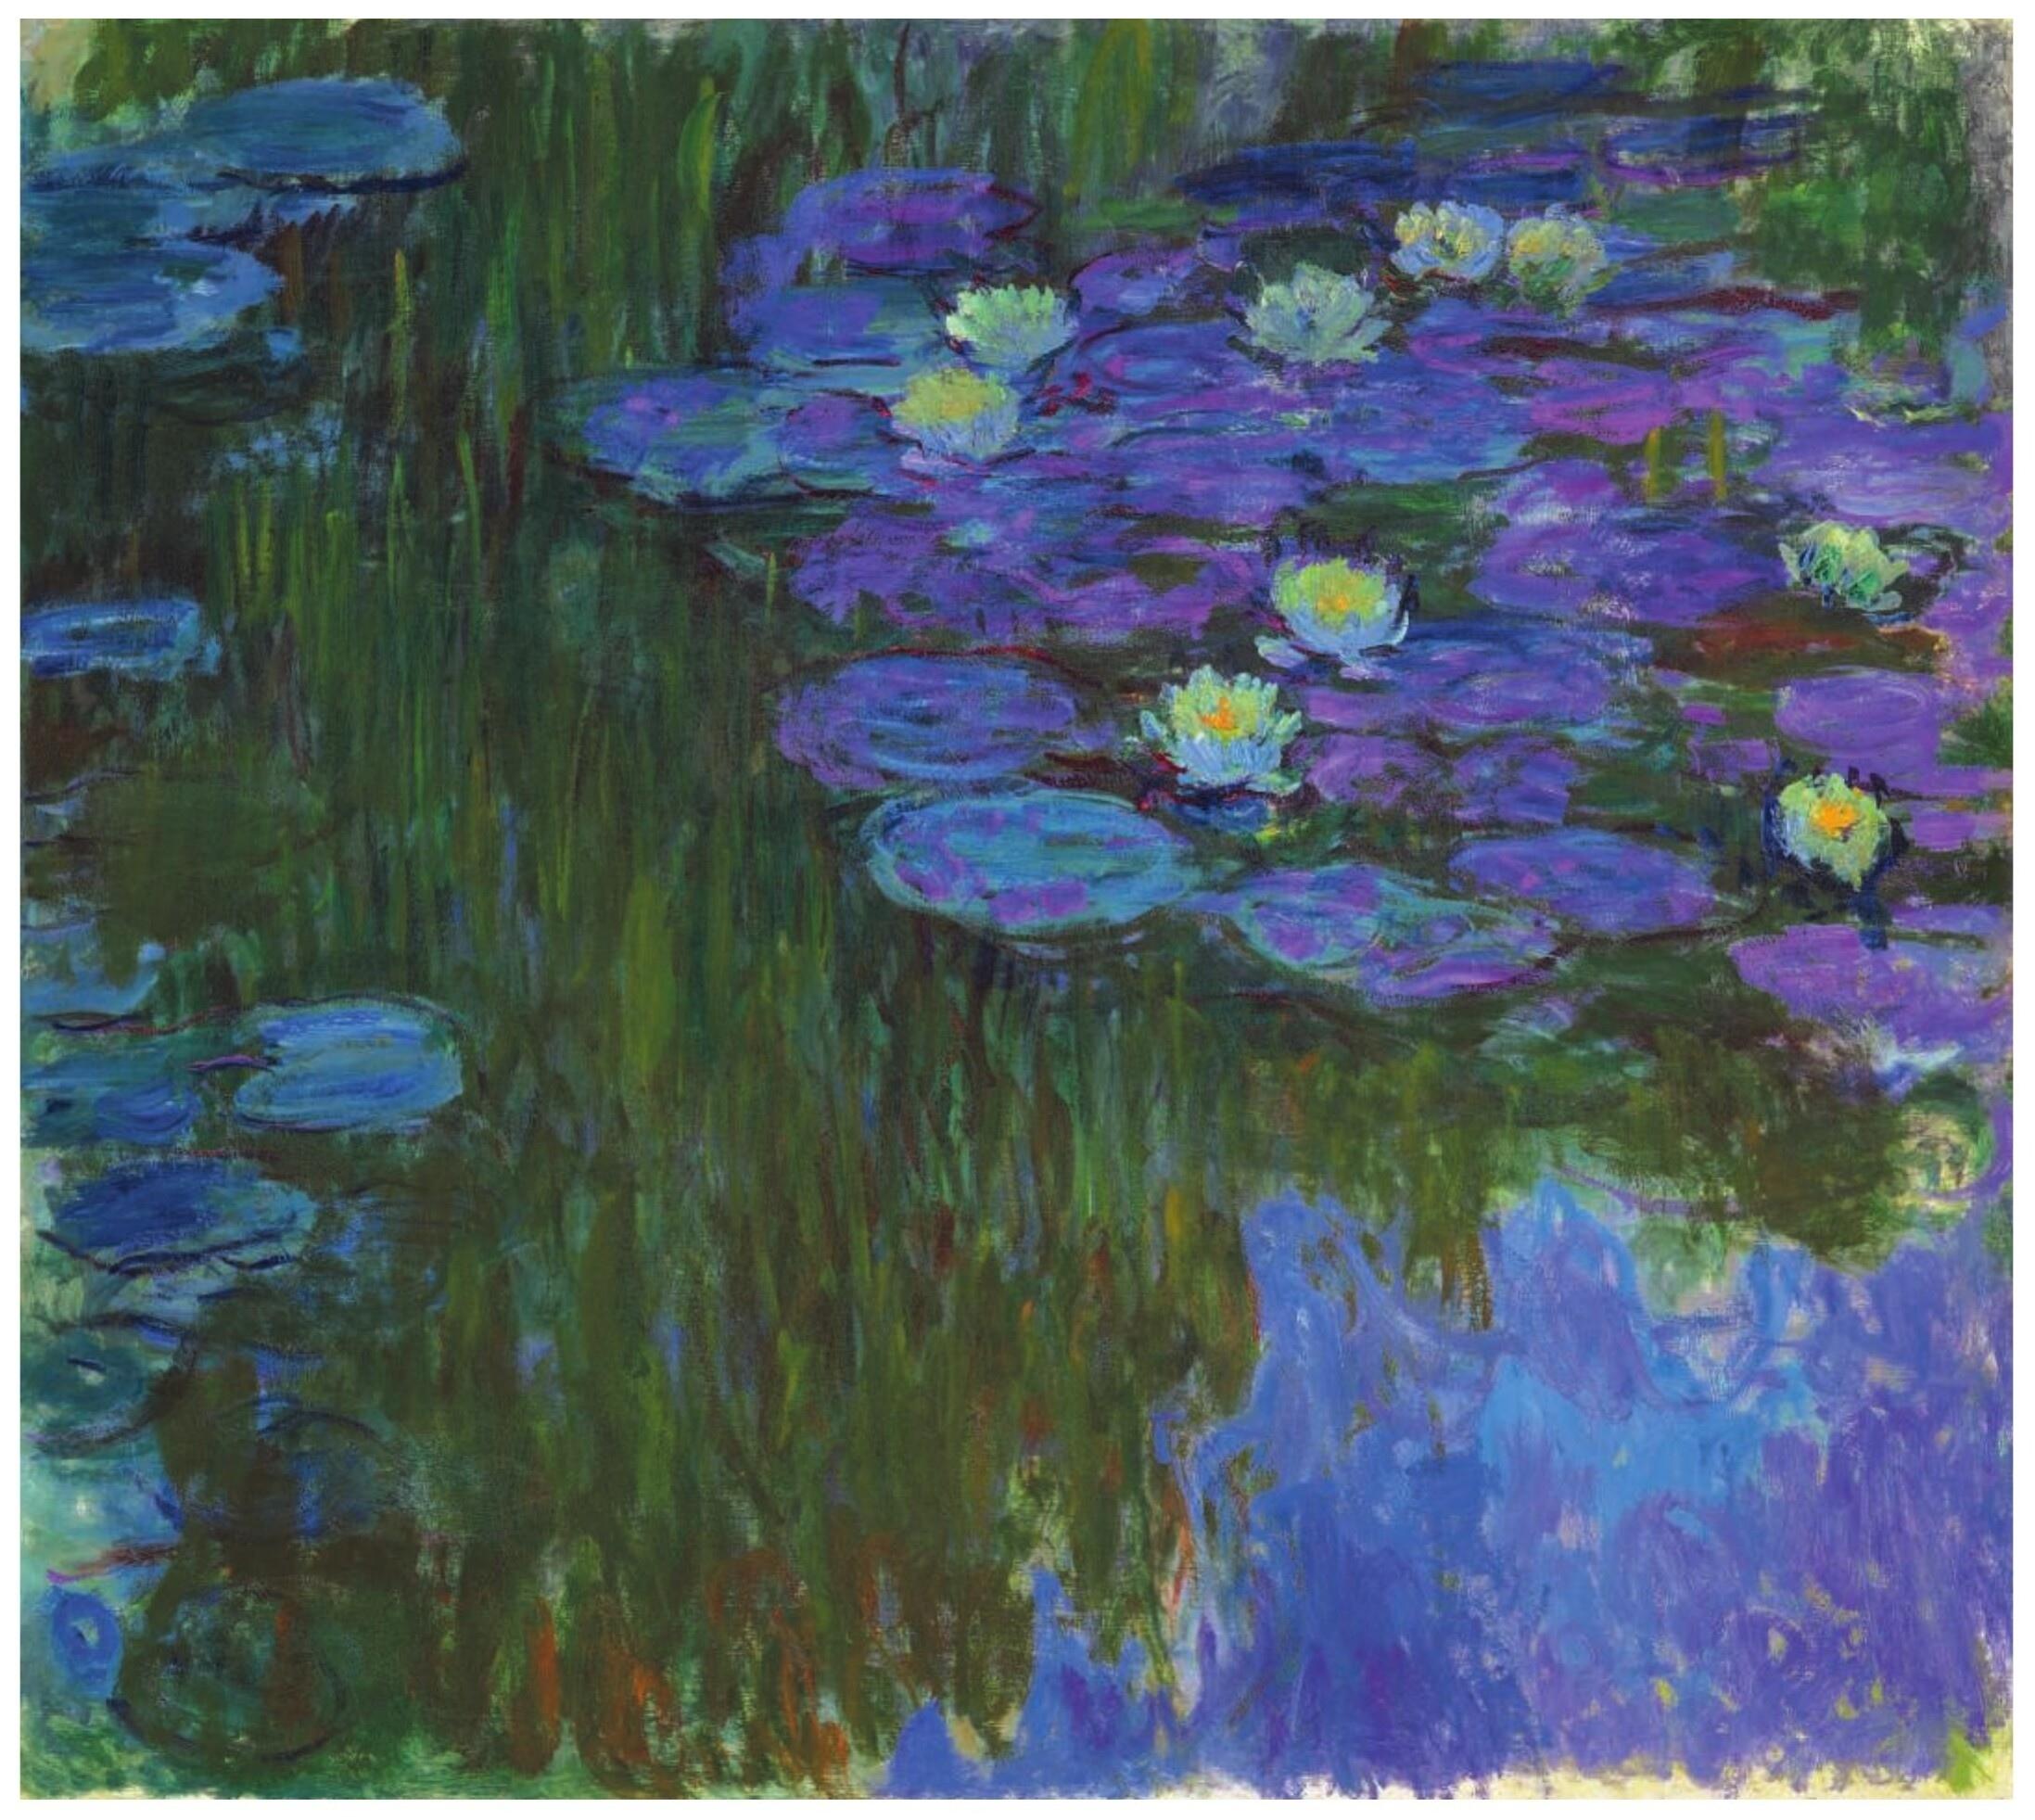 Claude Monet (1840-1926) Water Lilies in bloom (c. 1914-1917)